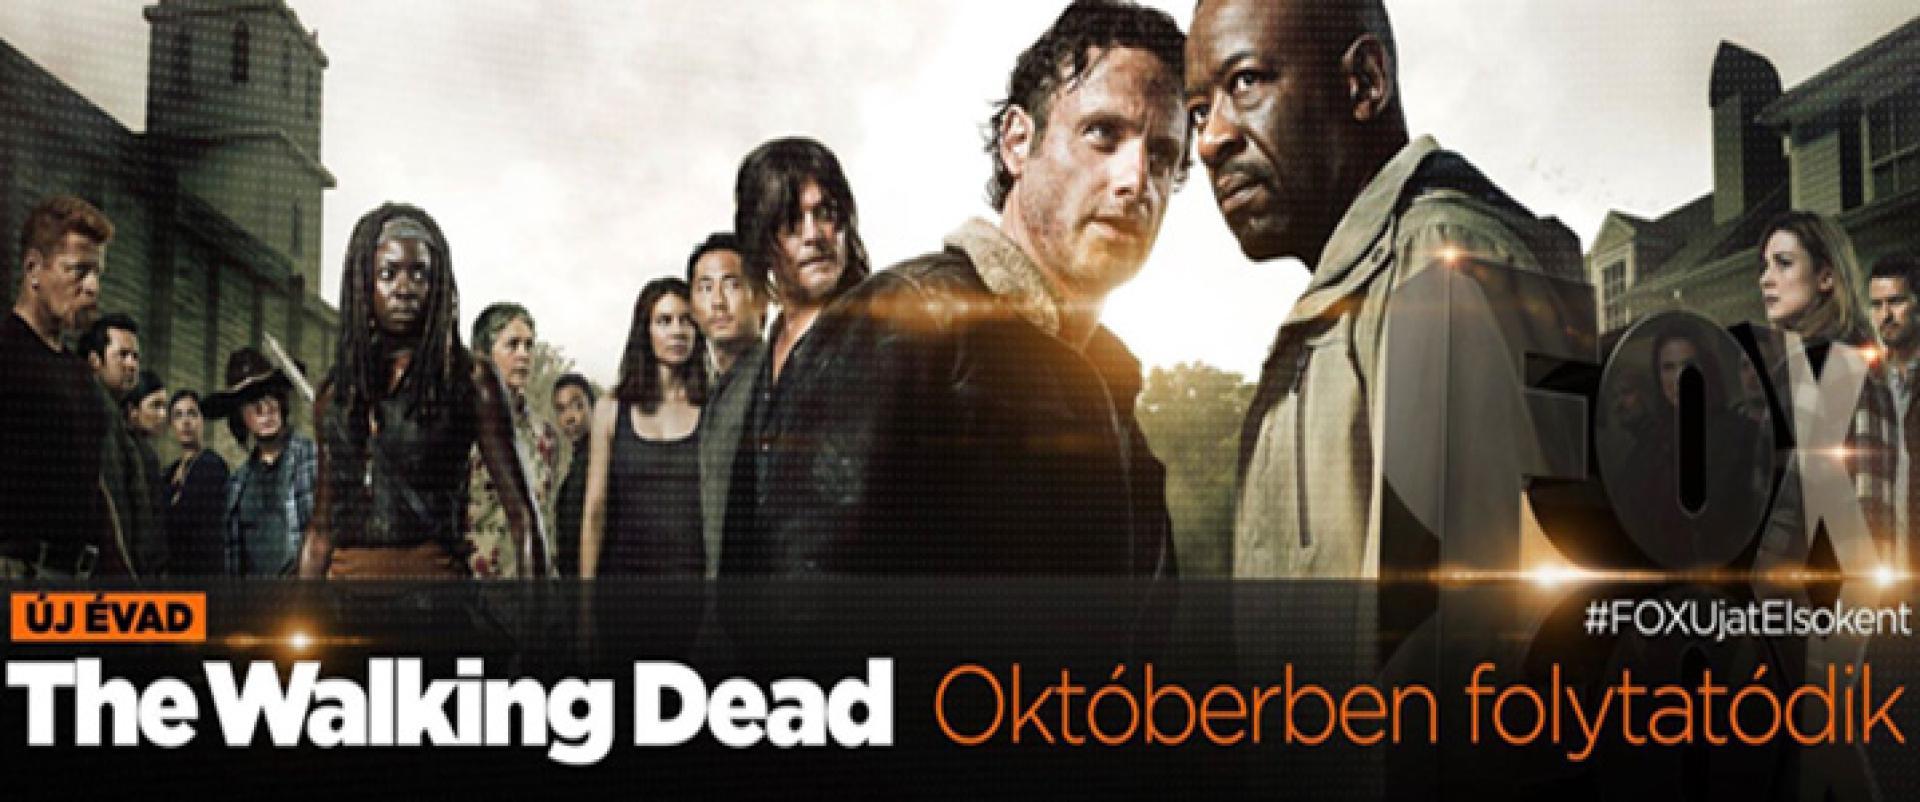 The Walking Dead, 6. évad: újabb színész csatlakozott